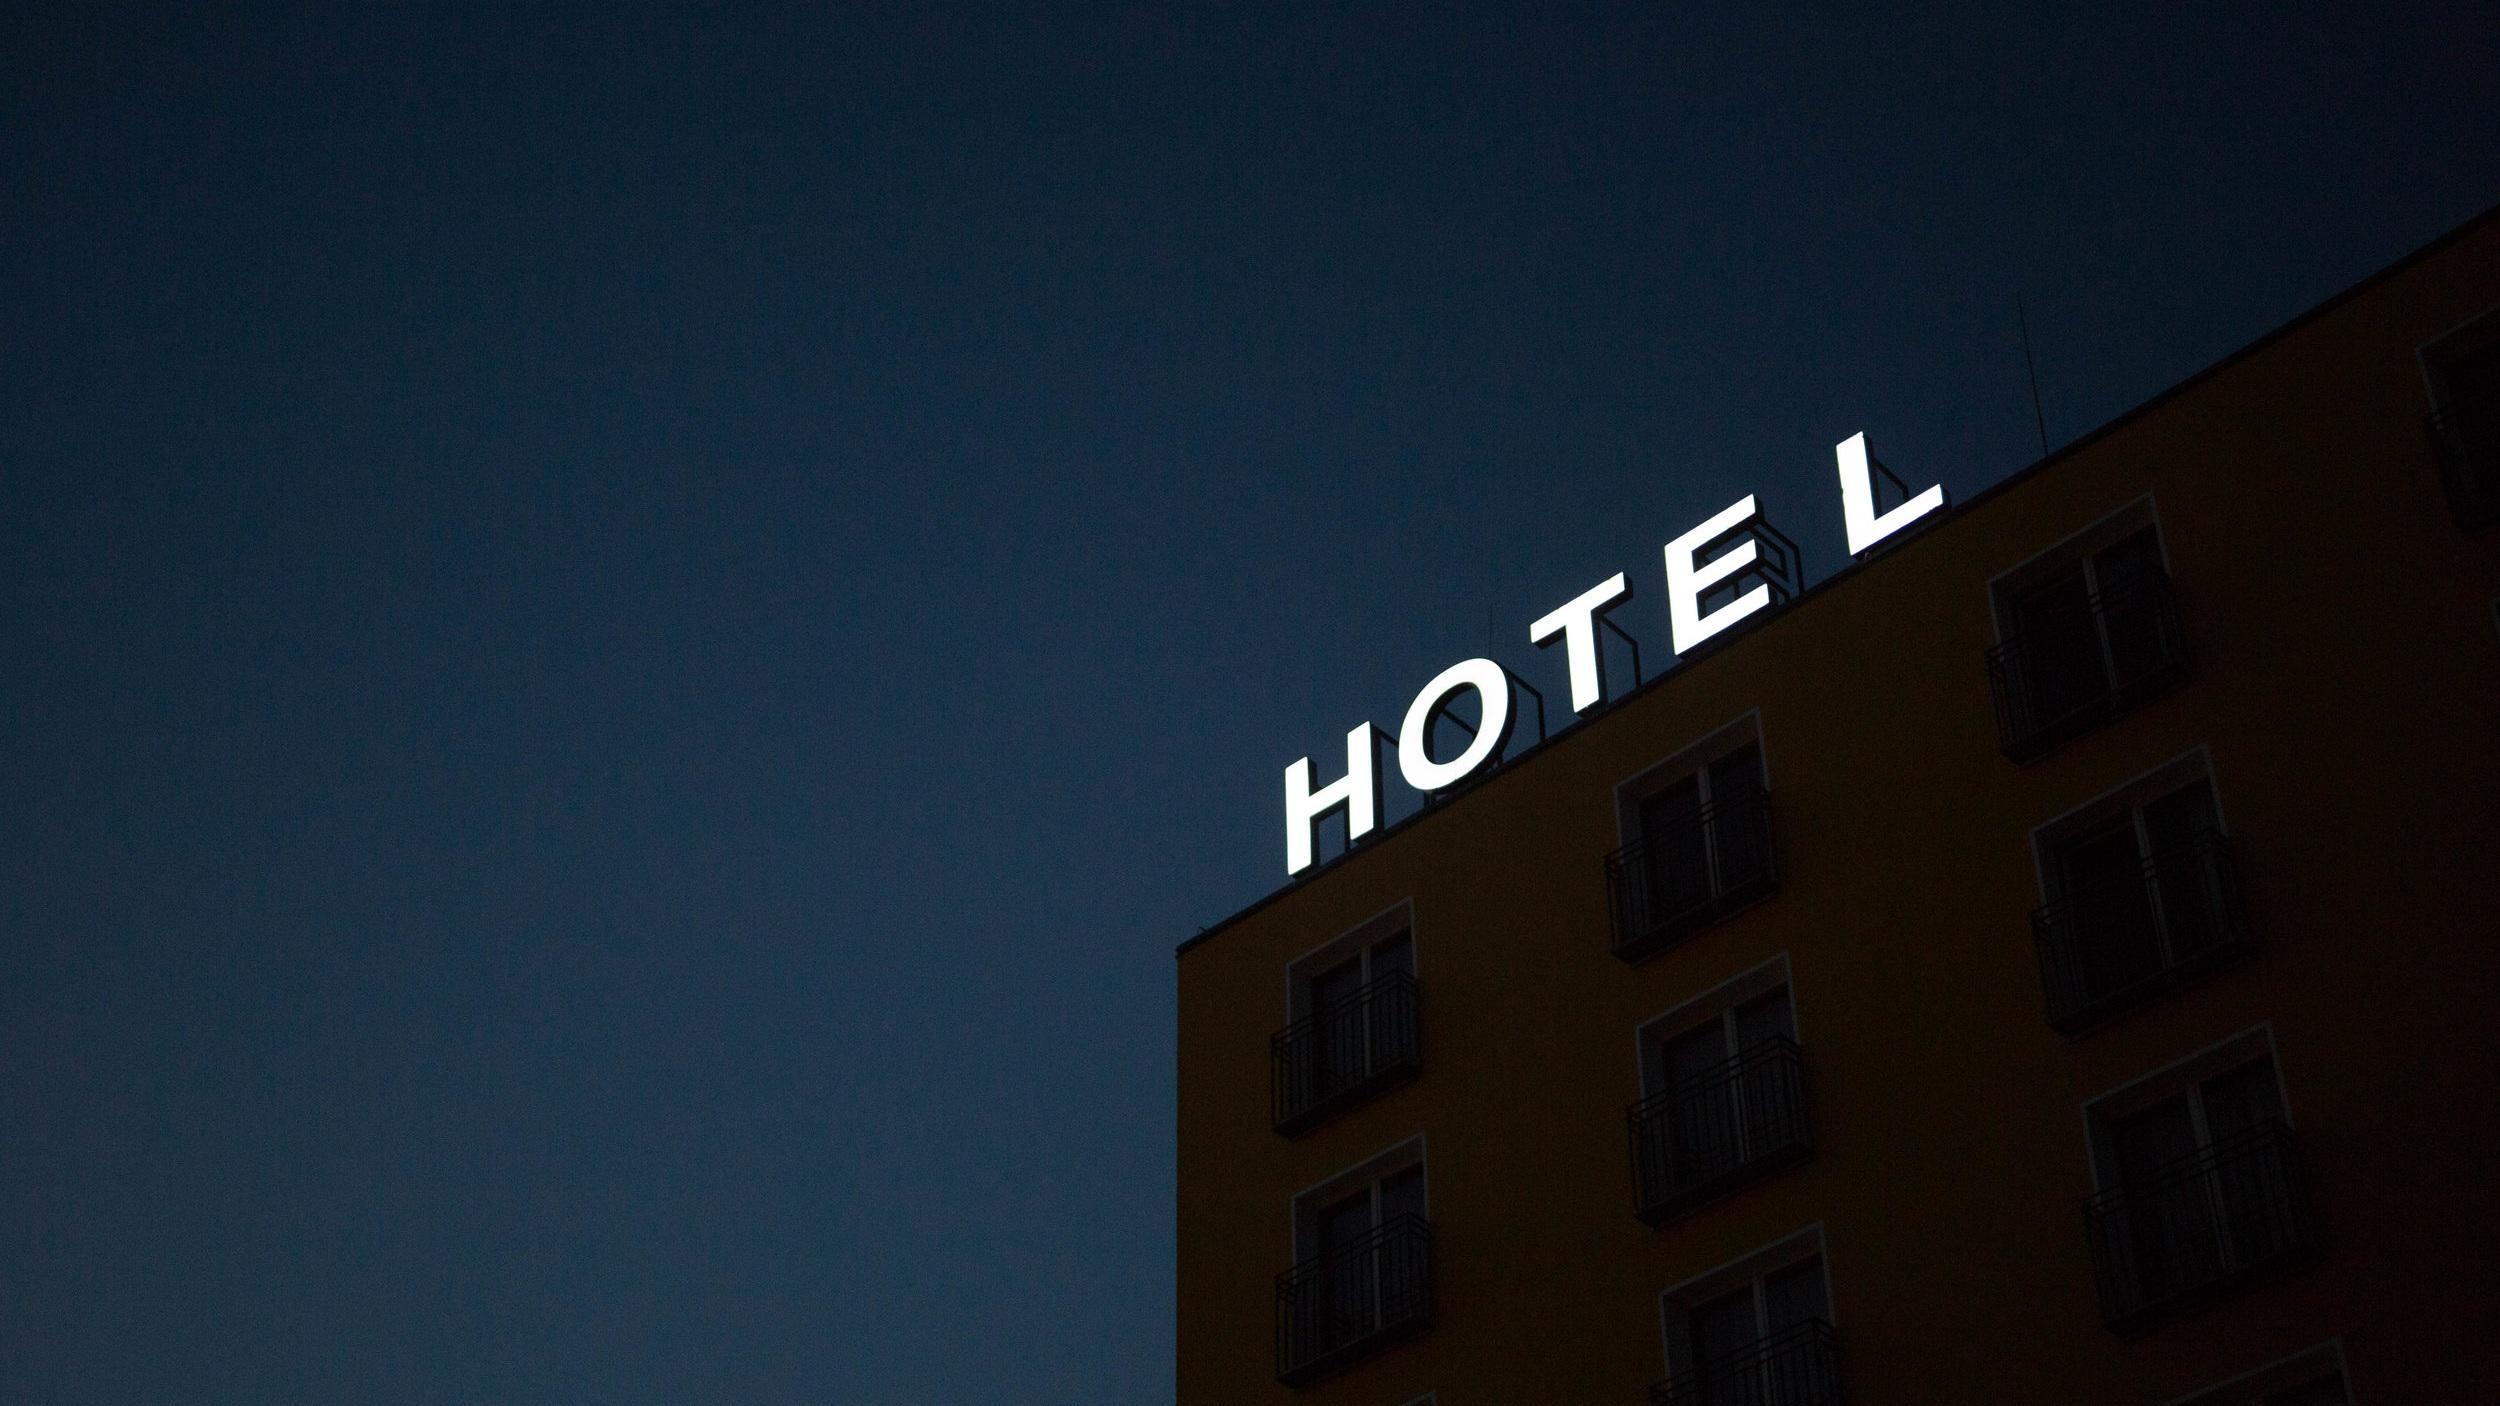 Å vite hvem man designer for - Et godt prosjekt starter med brukerne, for det er hotellgjestene og de ansatte som er ekspertene på hva de trenger og ønsker. På bakgrunn av intervjuer med målgruppen og fremtidige ansatte utviklet vi tre personas - den lokale, den forretningsreisende og rekreasjonsgjesten. Et dykk i byens demografi, næringsgrunnlag og historie lå videre til grunn for å utvikle hotellets tjenester og visuelle uttrykk. Dette resulterte i ulike romkonsepter med forskjellige temaer som ville tilfredsstille de ulike behovene avdekket.Choice er en veletablert merkevare og konseptmanualen deres måtte derfor ligge til grunn vårt arbeid. R8 som utvikler, Choice som kunde og Seltor som entreprenør møtte oss allikevel med en visjonær og åpen holdning til å gjennomføre en brukersentrert prosess - en tilnærming som ikke er vanlig i tradisjonelle byggeprosjekter. Tett dialog mellom fagene om alt fra budsjetter, valg av produkter og ønsket resultat gjorde at vi sammen fant de beste løsningene.Vi i tror på denne måten å jobbe på, og mener opplevelsen av Comfort Hotel Porsgrunn er et godt eksempel på hva man kan skape når man jobber mot samme mål og alle har eierskap til helheten og sluttresultatet.